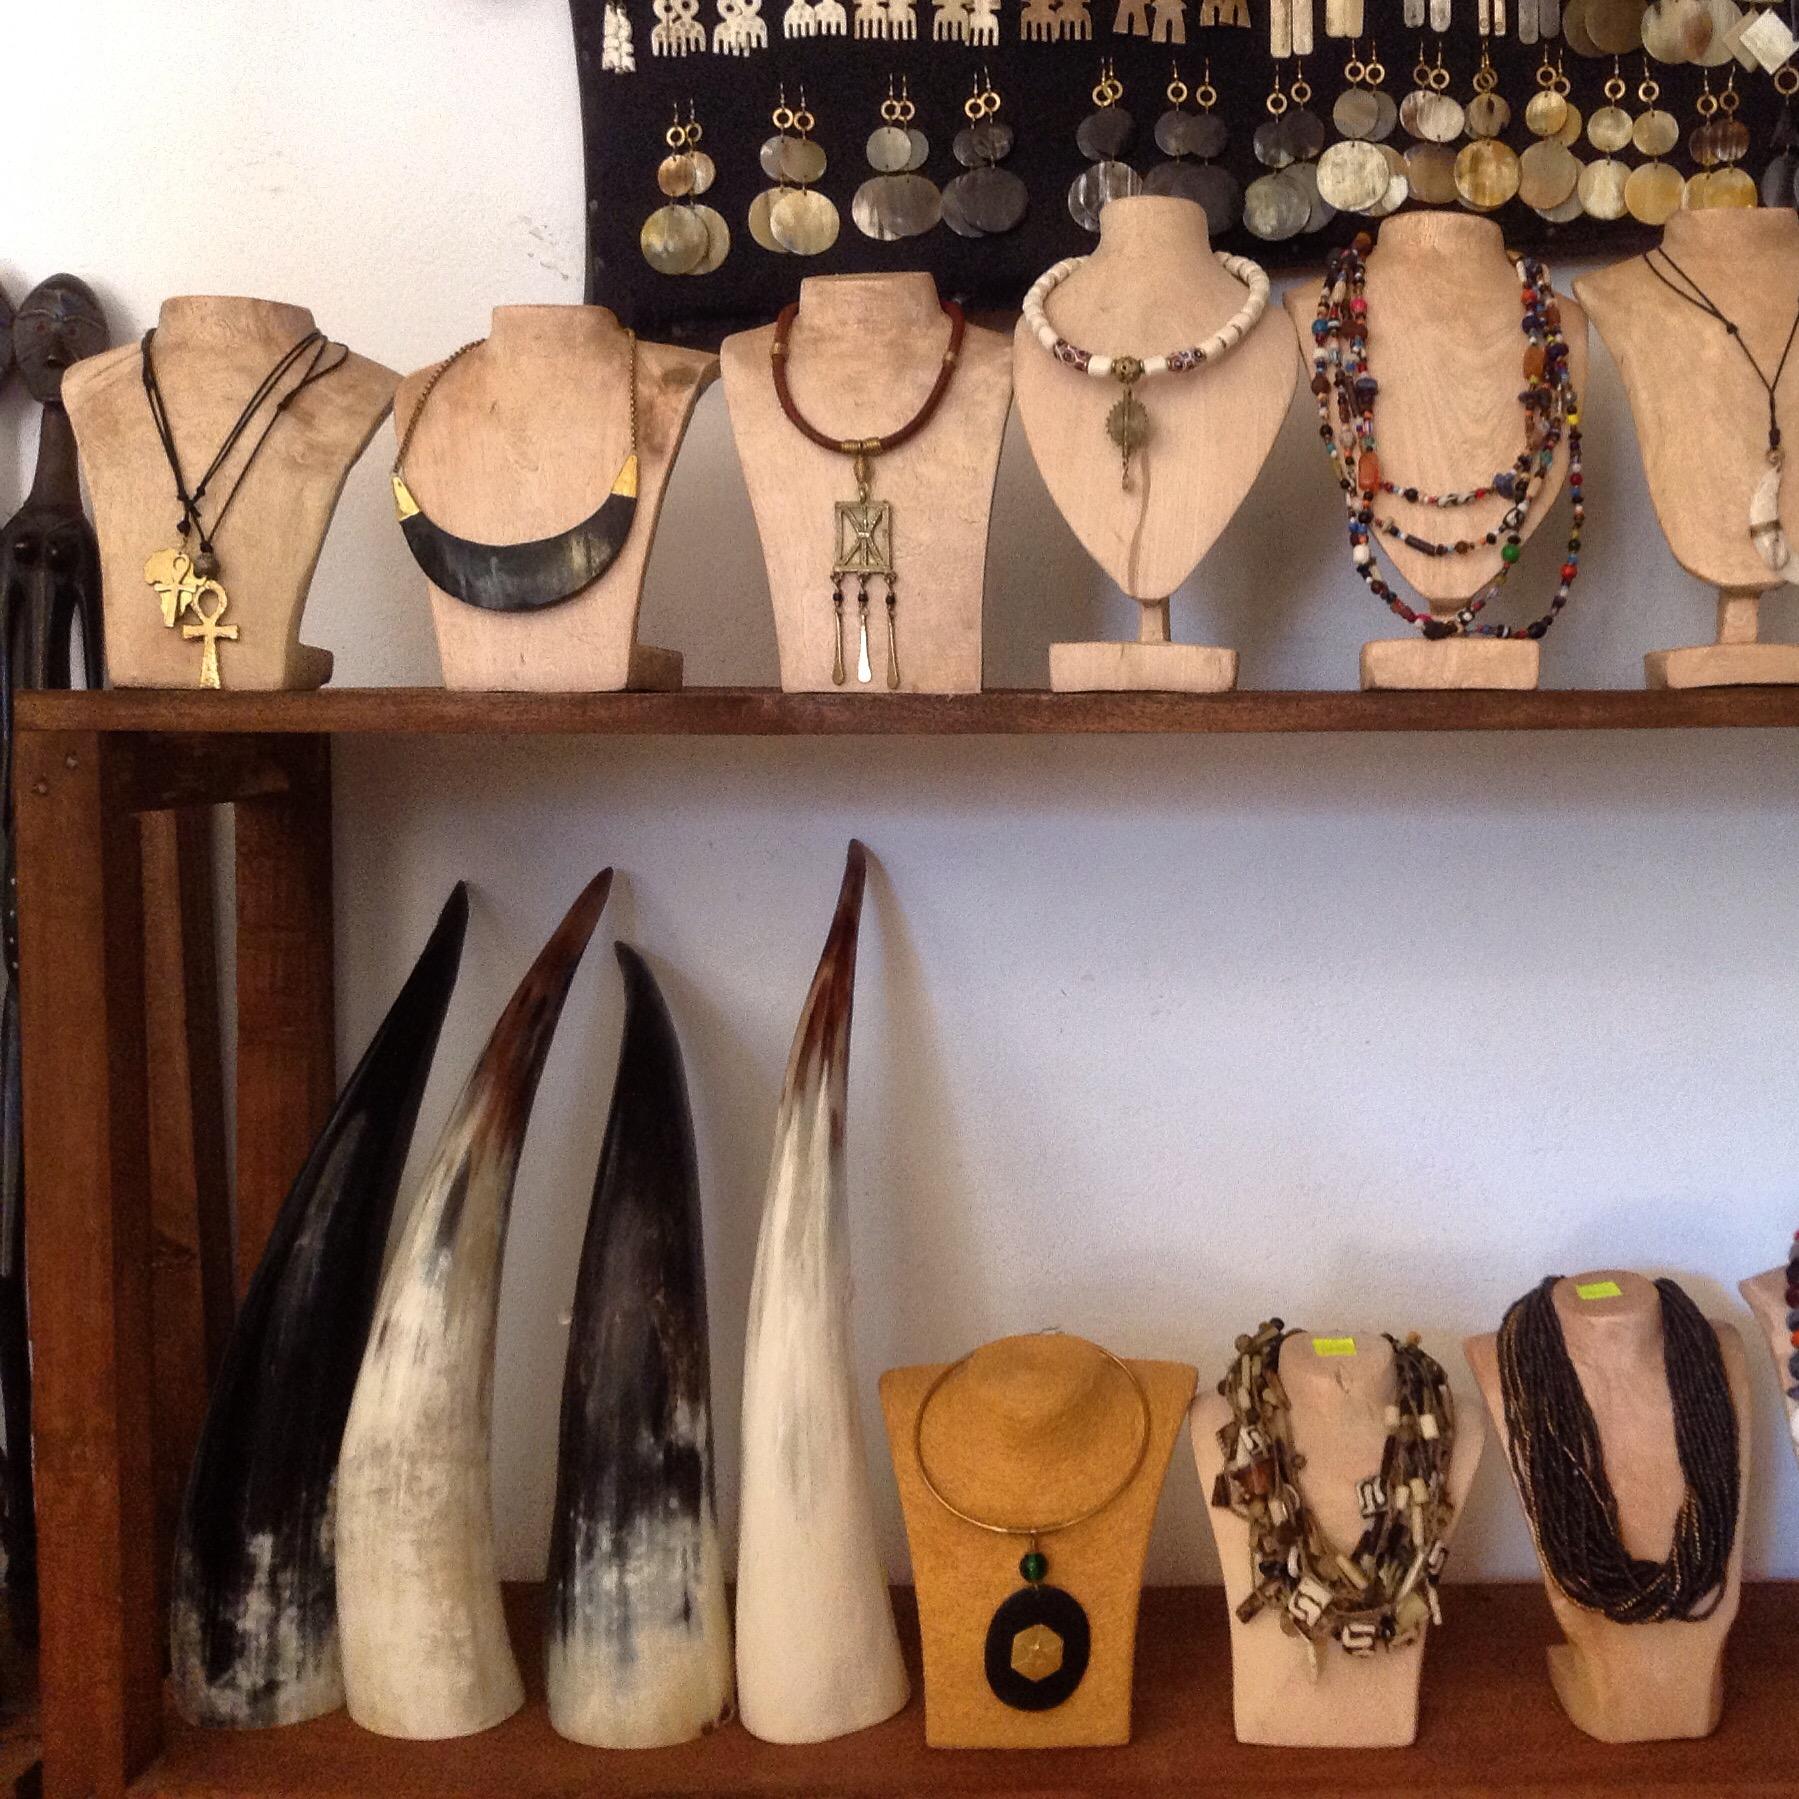 Halbmondkette mit MessingdrahtMessing Knchel gyptisches KreuzKuh - OhrringeWeier Knochen mit MessingketteMessingkissen Lederhalskette